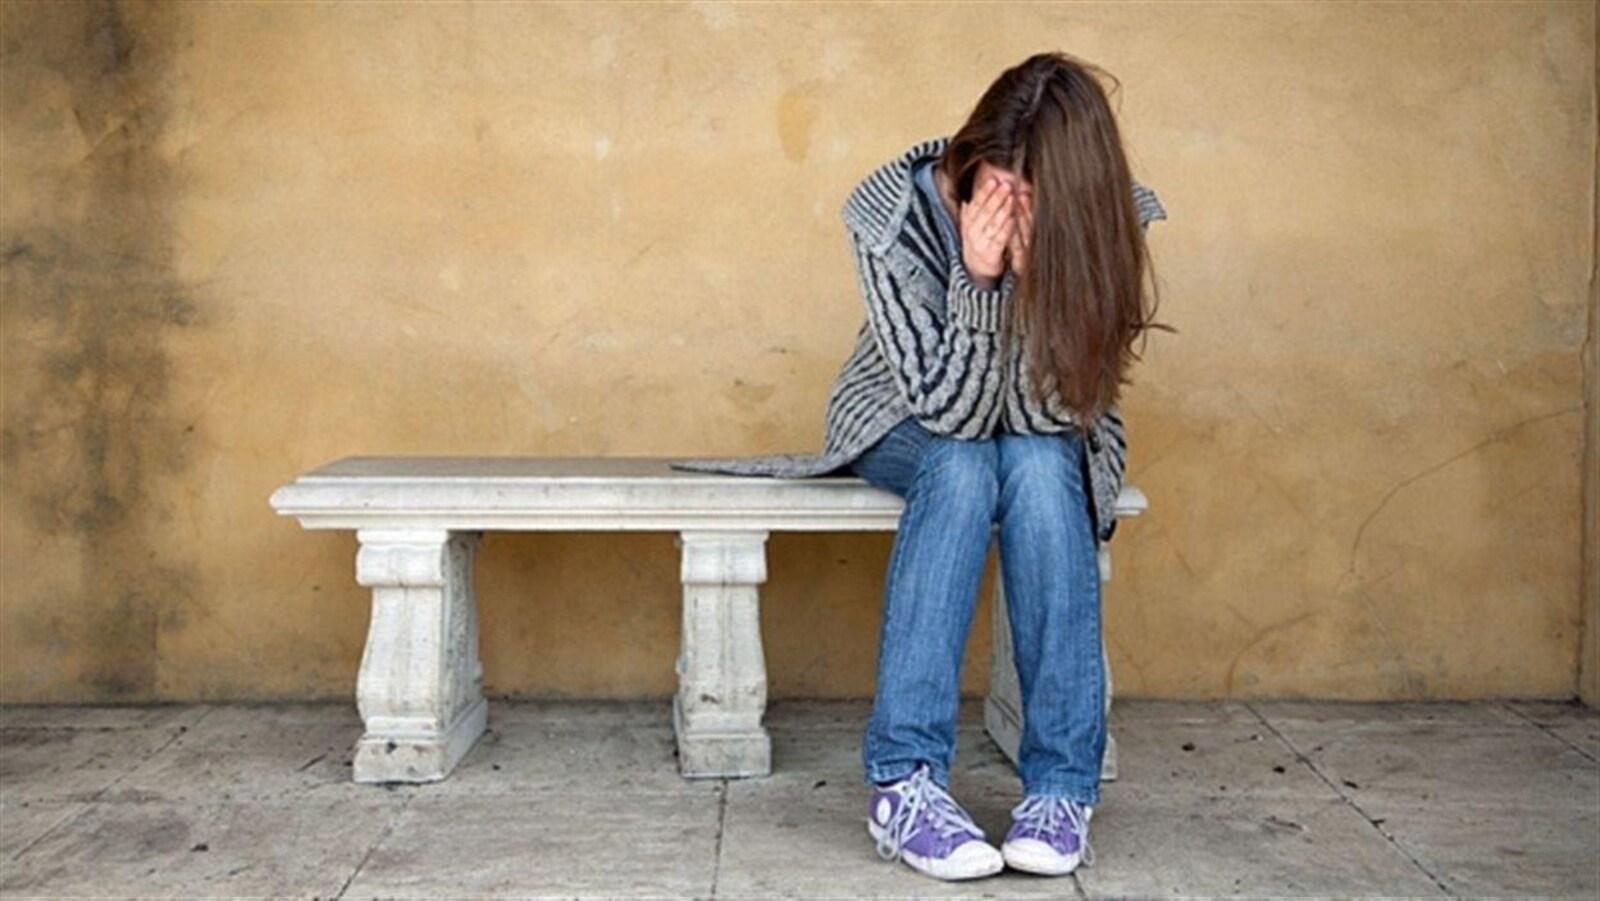 De plus en plus de jeunes demandent l'aide de professionnels en santé mentale.